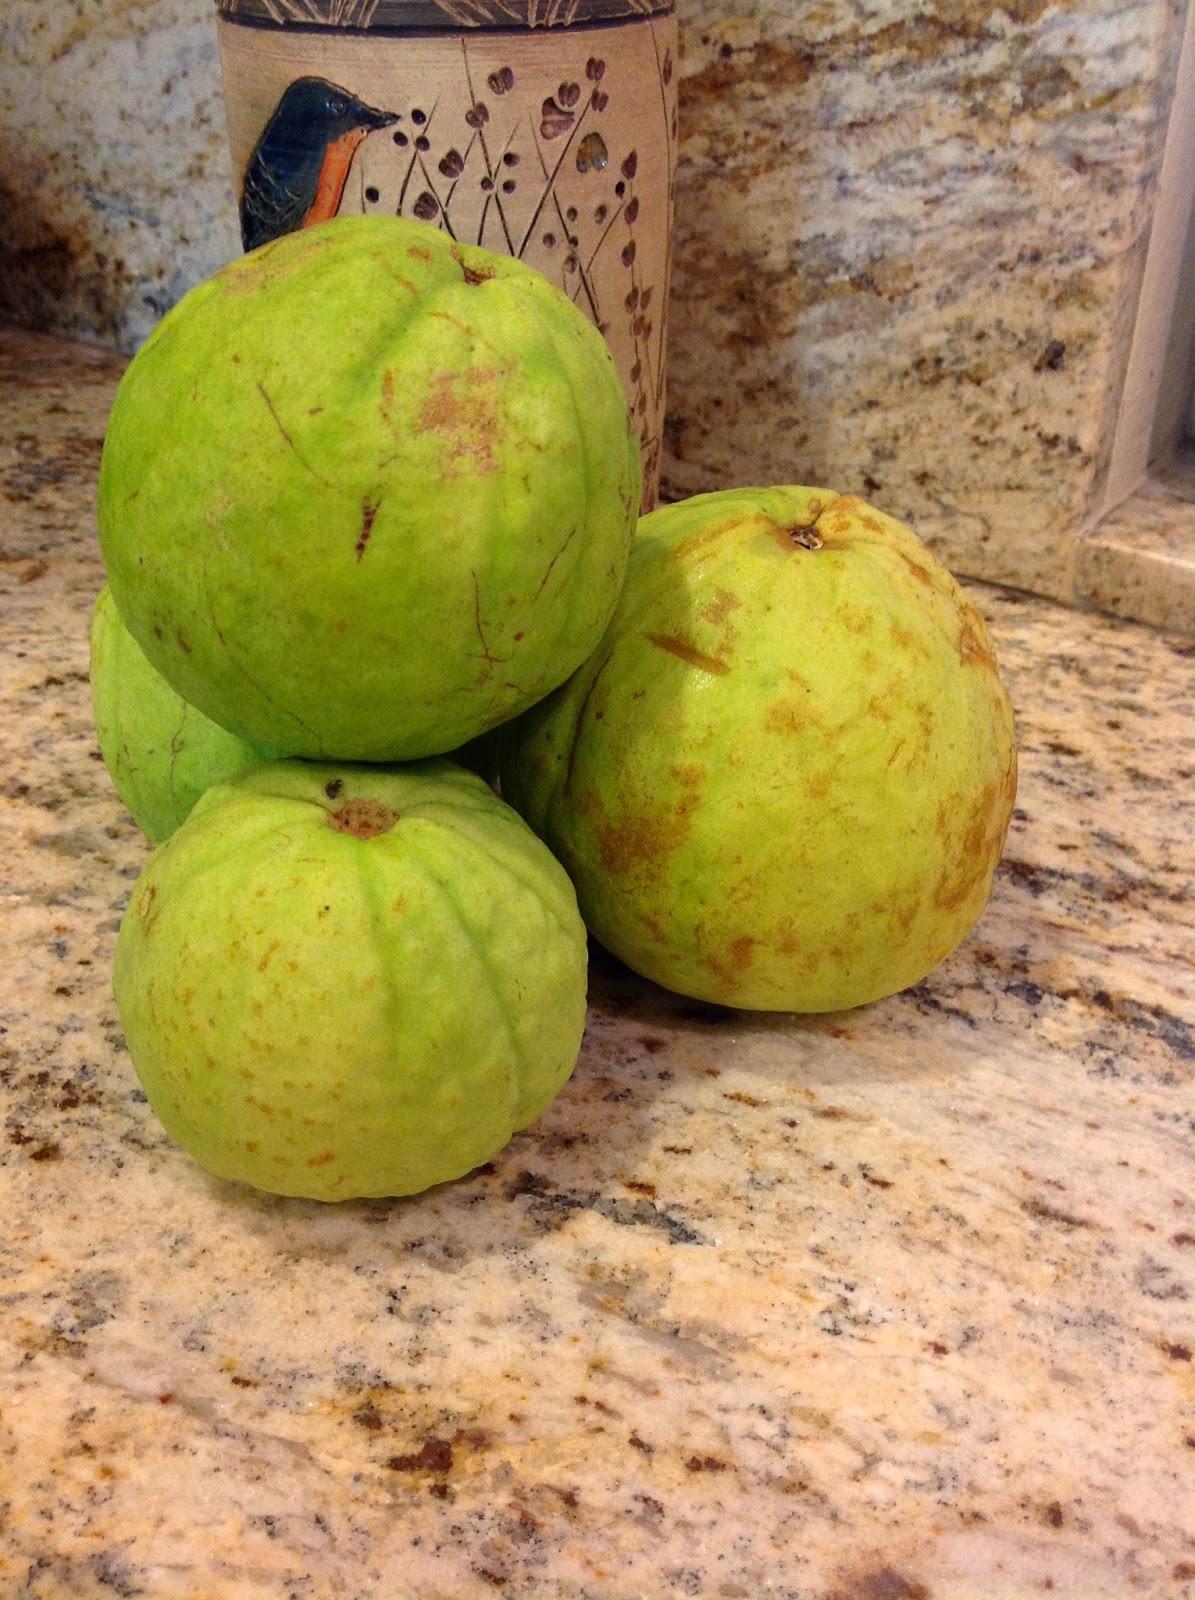 One Thing I Like To Do Is Make Guava Sauce I Follow The Same Steps I